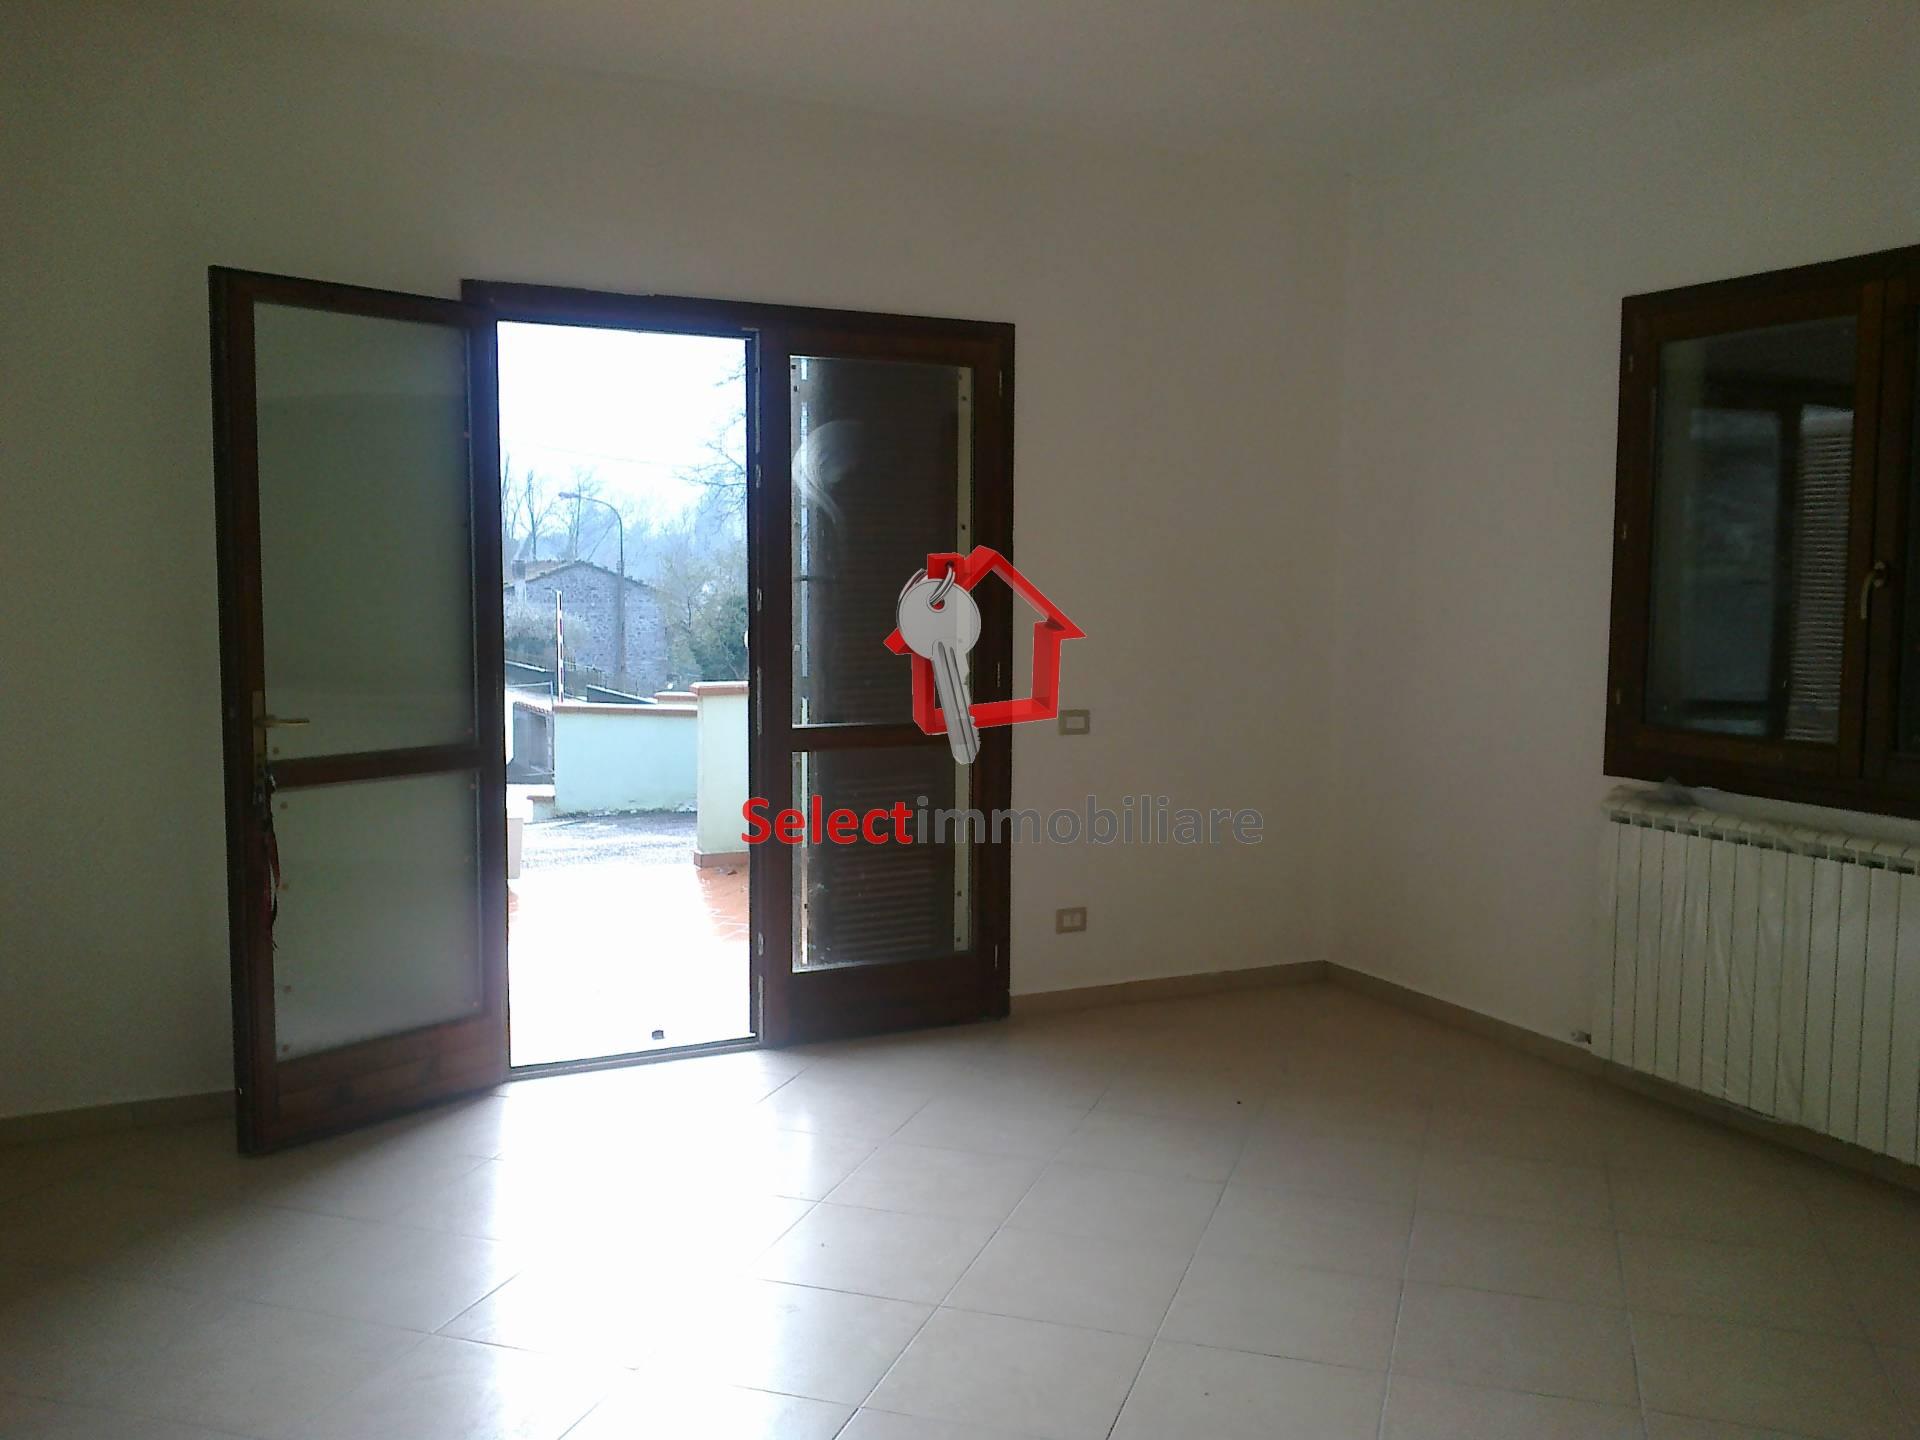 Appartamento in vendita a Bagni di Lucca, 5 locali, prezzo € 220.000 | Cambio Casa.it